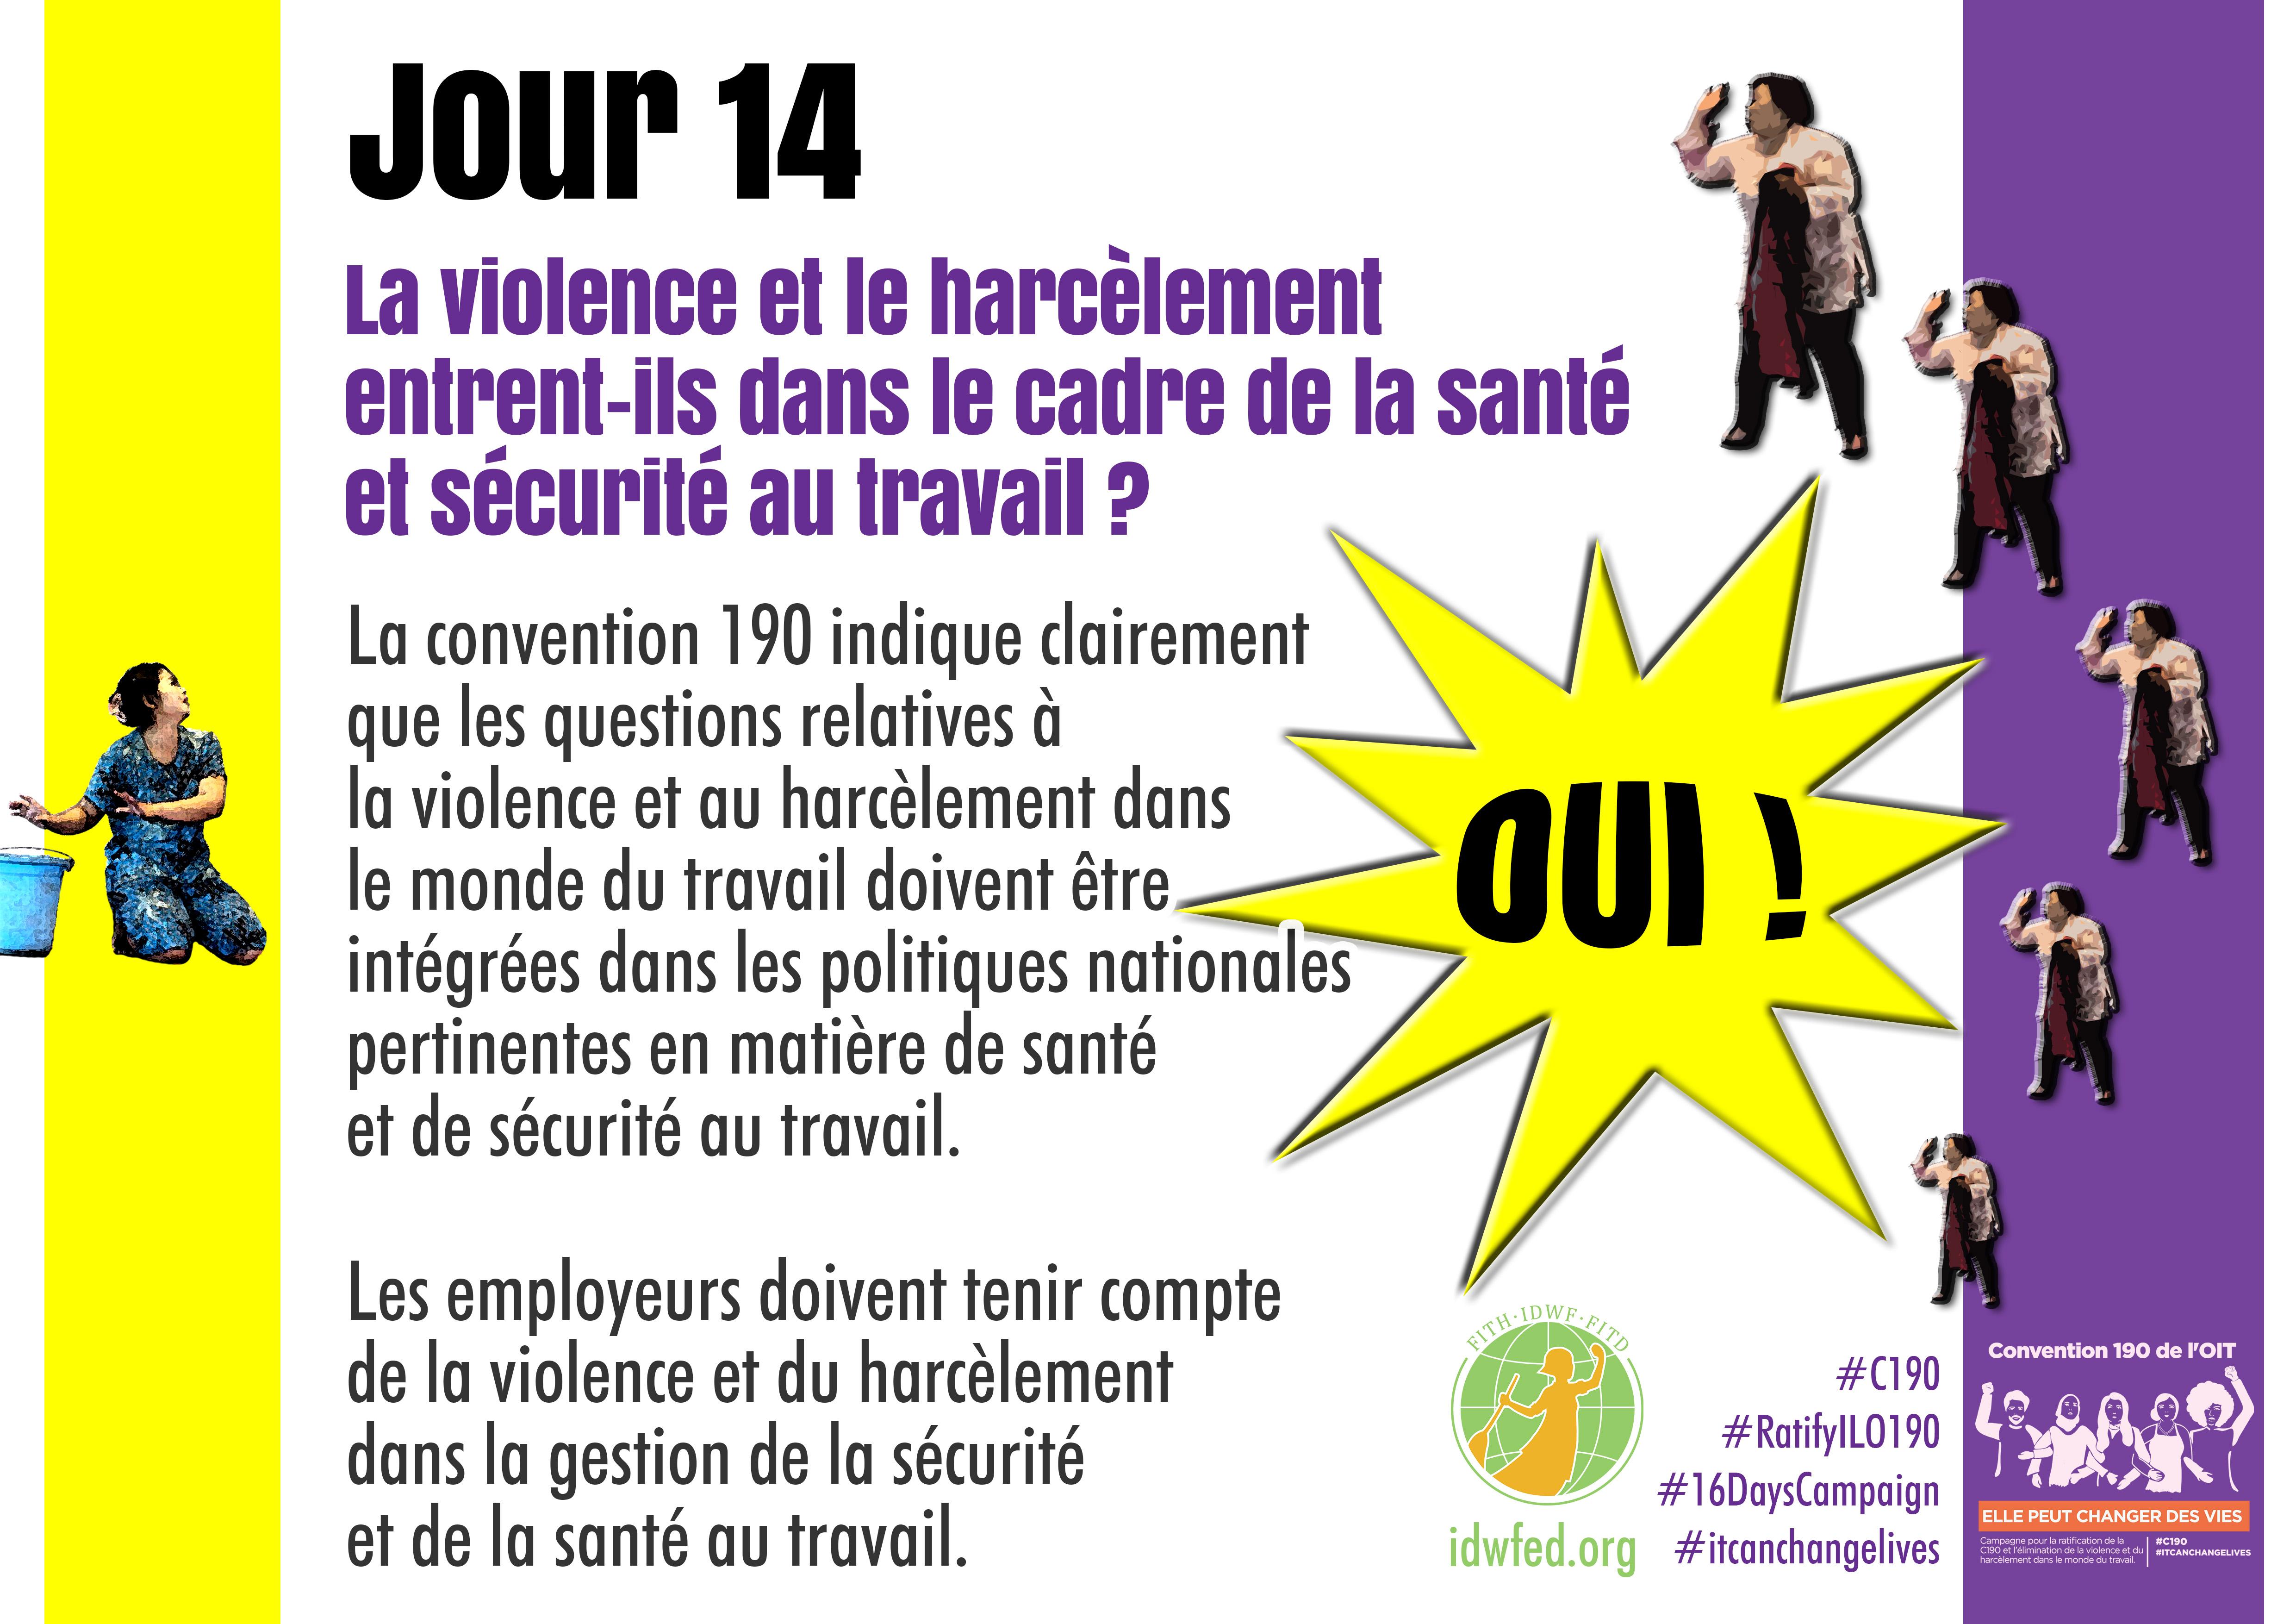 14. La violence et le harcèlement entrent-ils dans le cadre de la santé et sécurité au travail ?